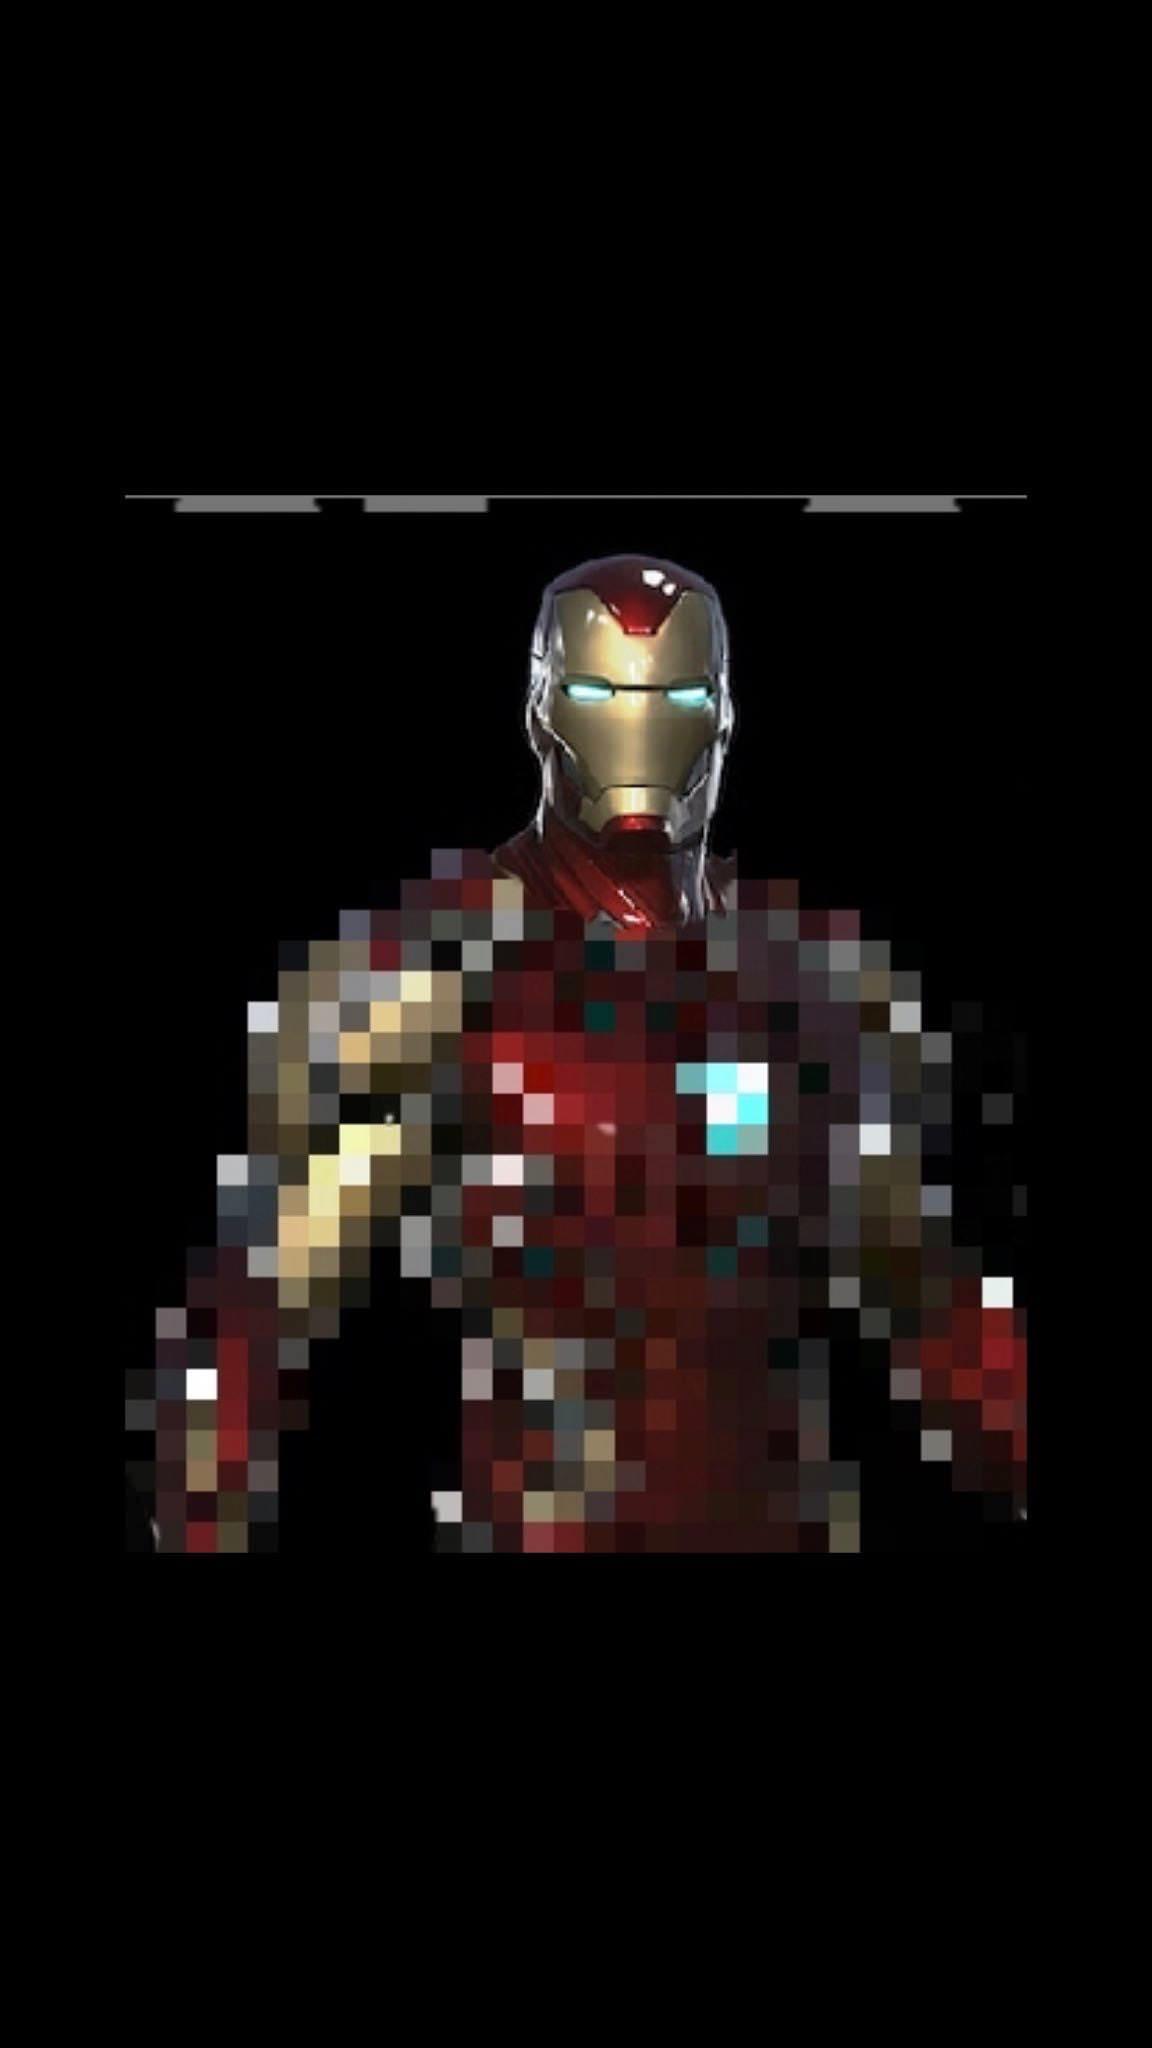 Fantastic New Avengers 4 Leaked Photos Of Iconic Iron Man